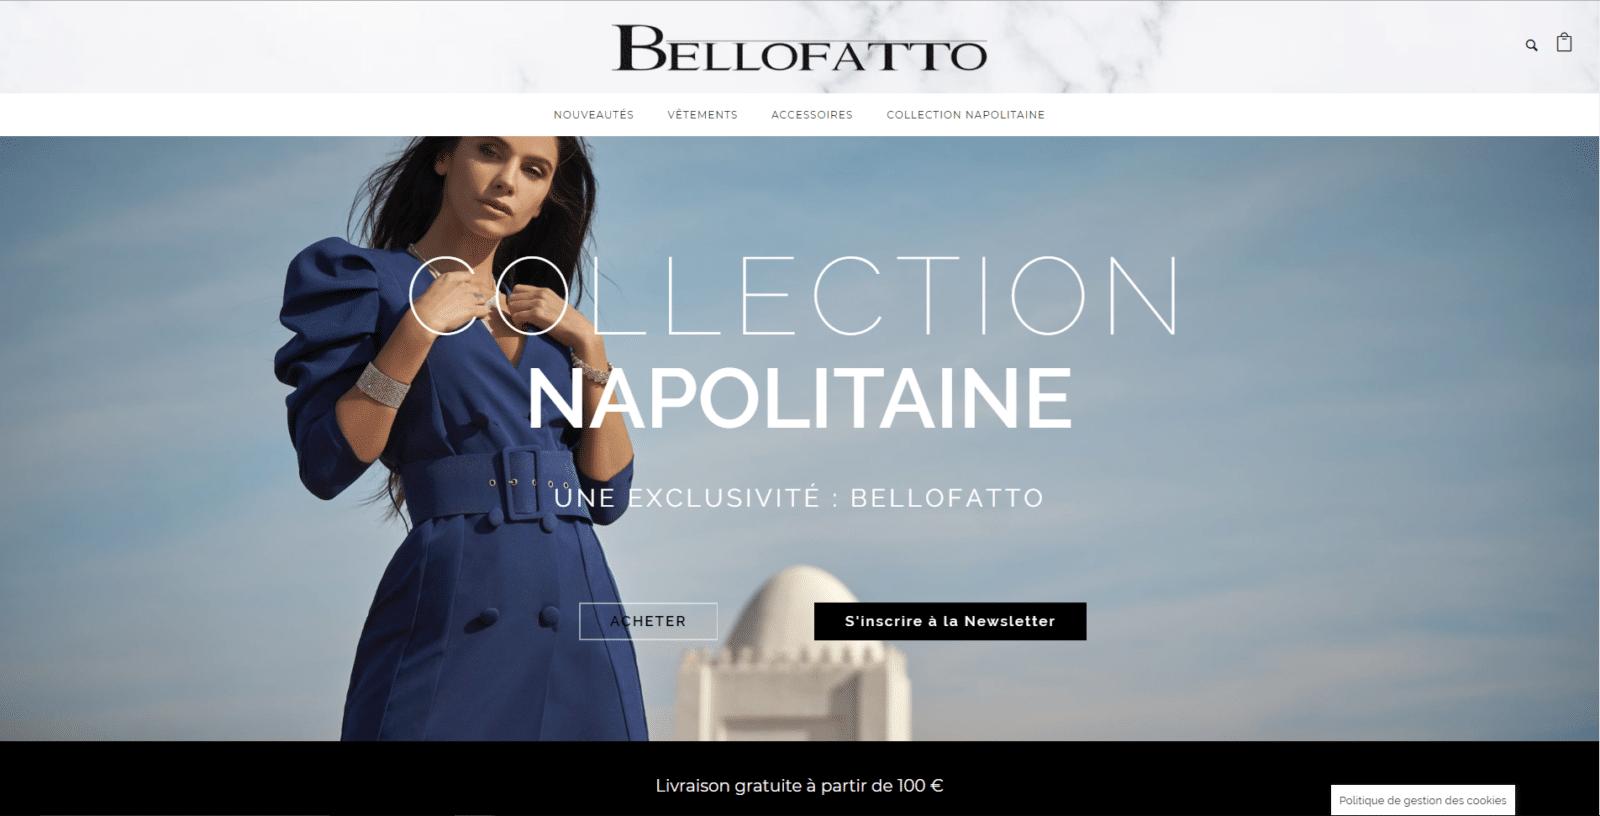 Bellofatto est une cliente de l'agence web Karedess, agence web situé à Mulhouse